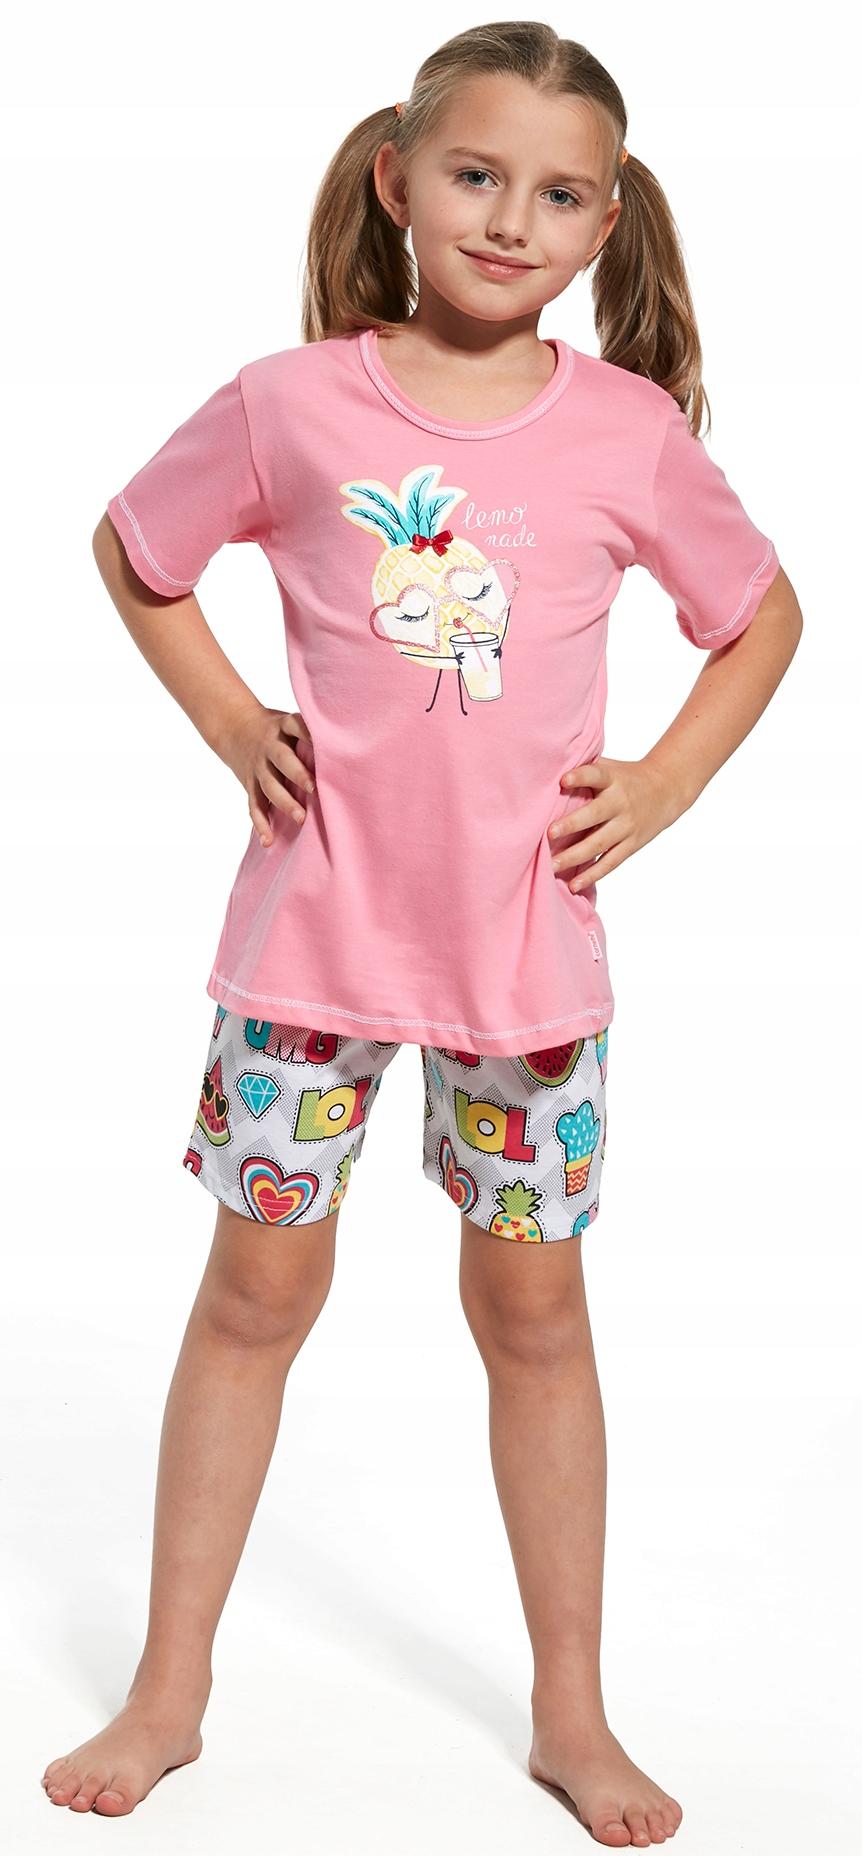 0eaa8f9fc1e156 CORNETTE piżama dziewczęca 787/55 bawełna# 110/116 - 7190105530 ...